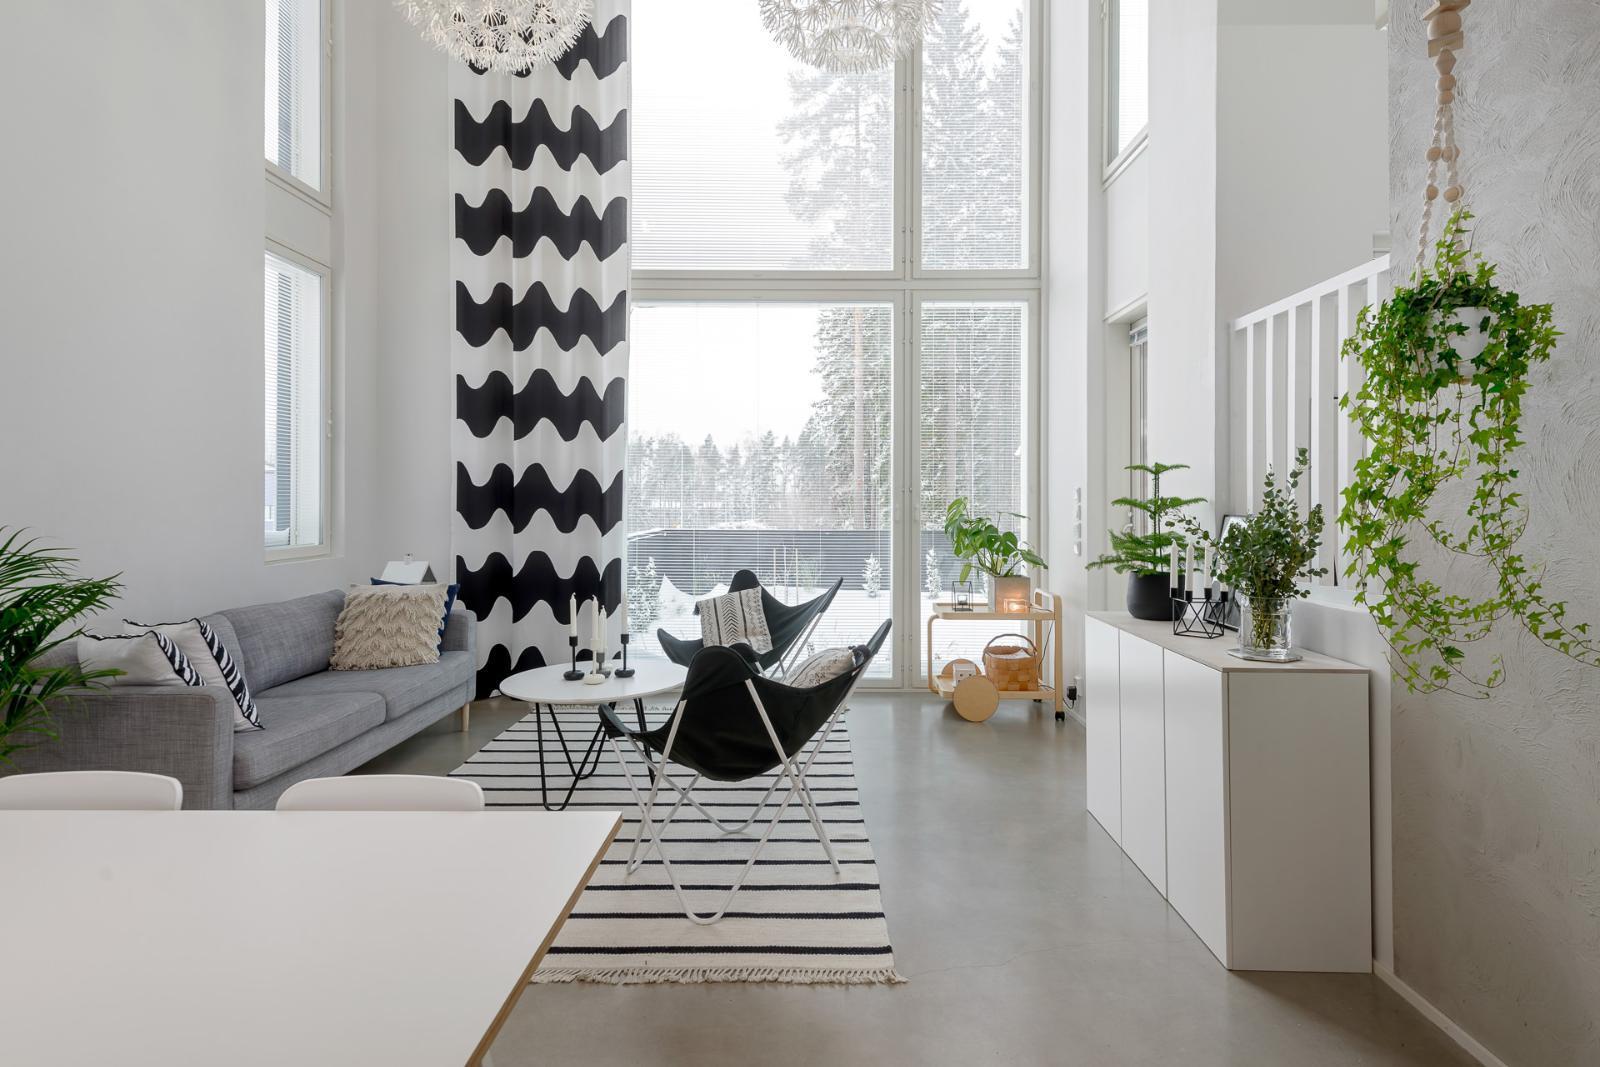 Skandinaavista tyyliä ja betonipintoja olohuoneessa  Etuovi com Ideat &